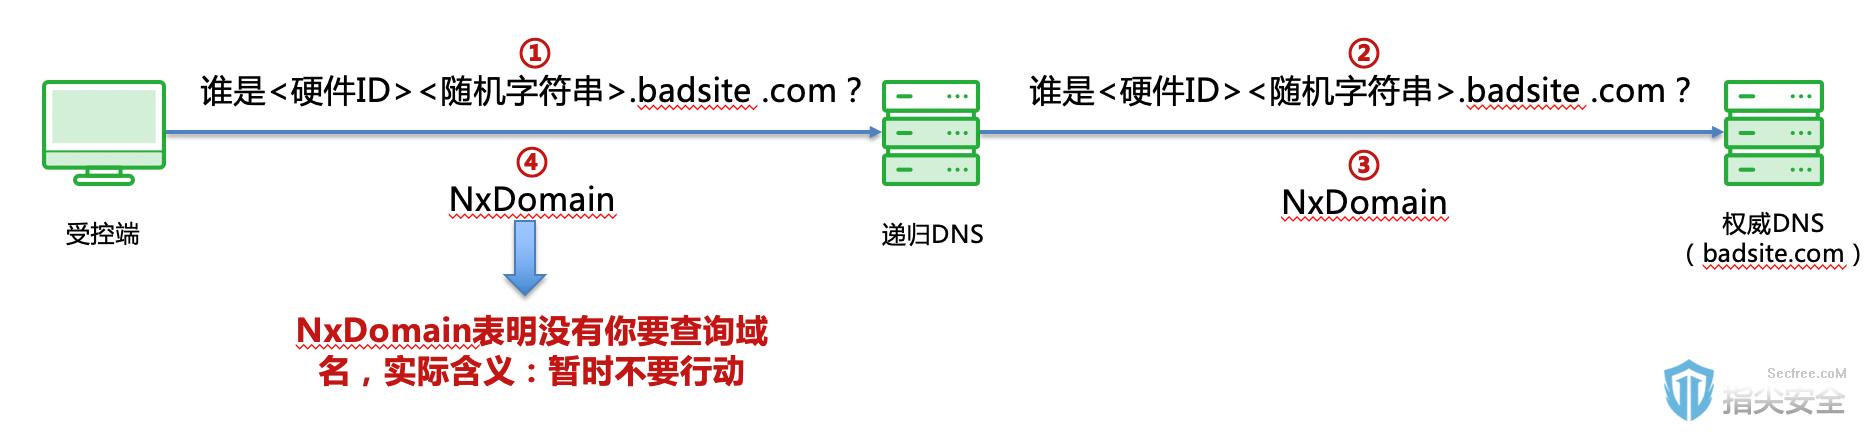 从OilRig APT攻击分析恶意DNS流量阻断在企业安全建设中的必要性 …